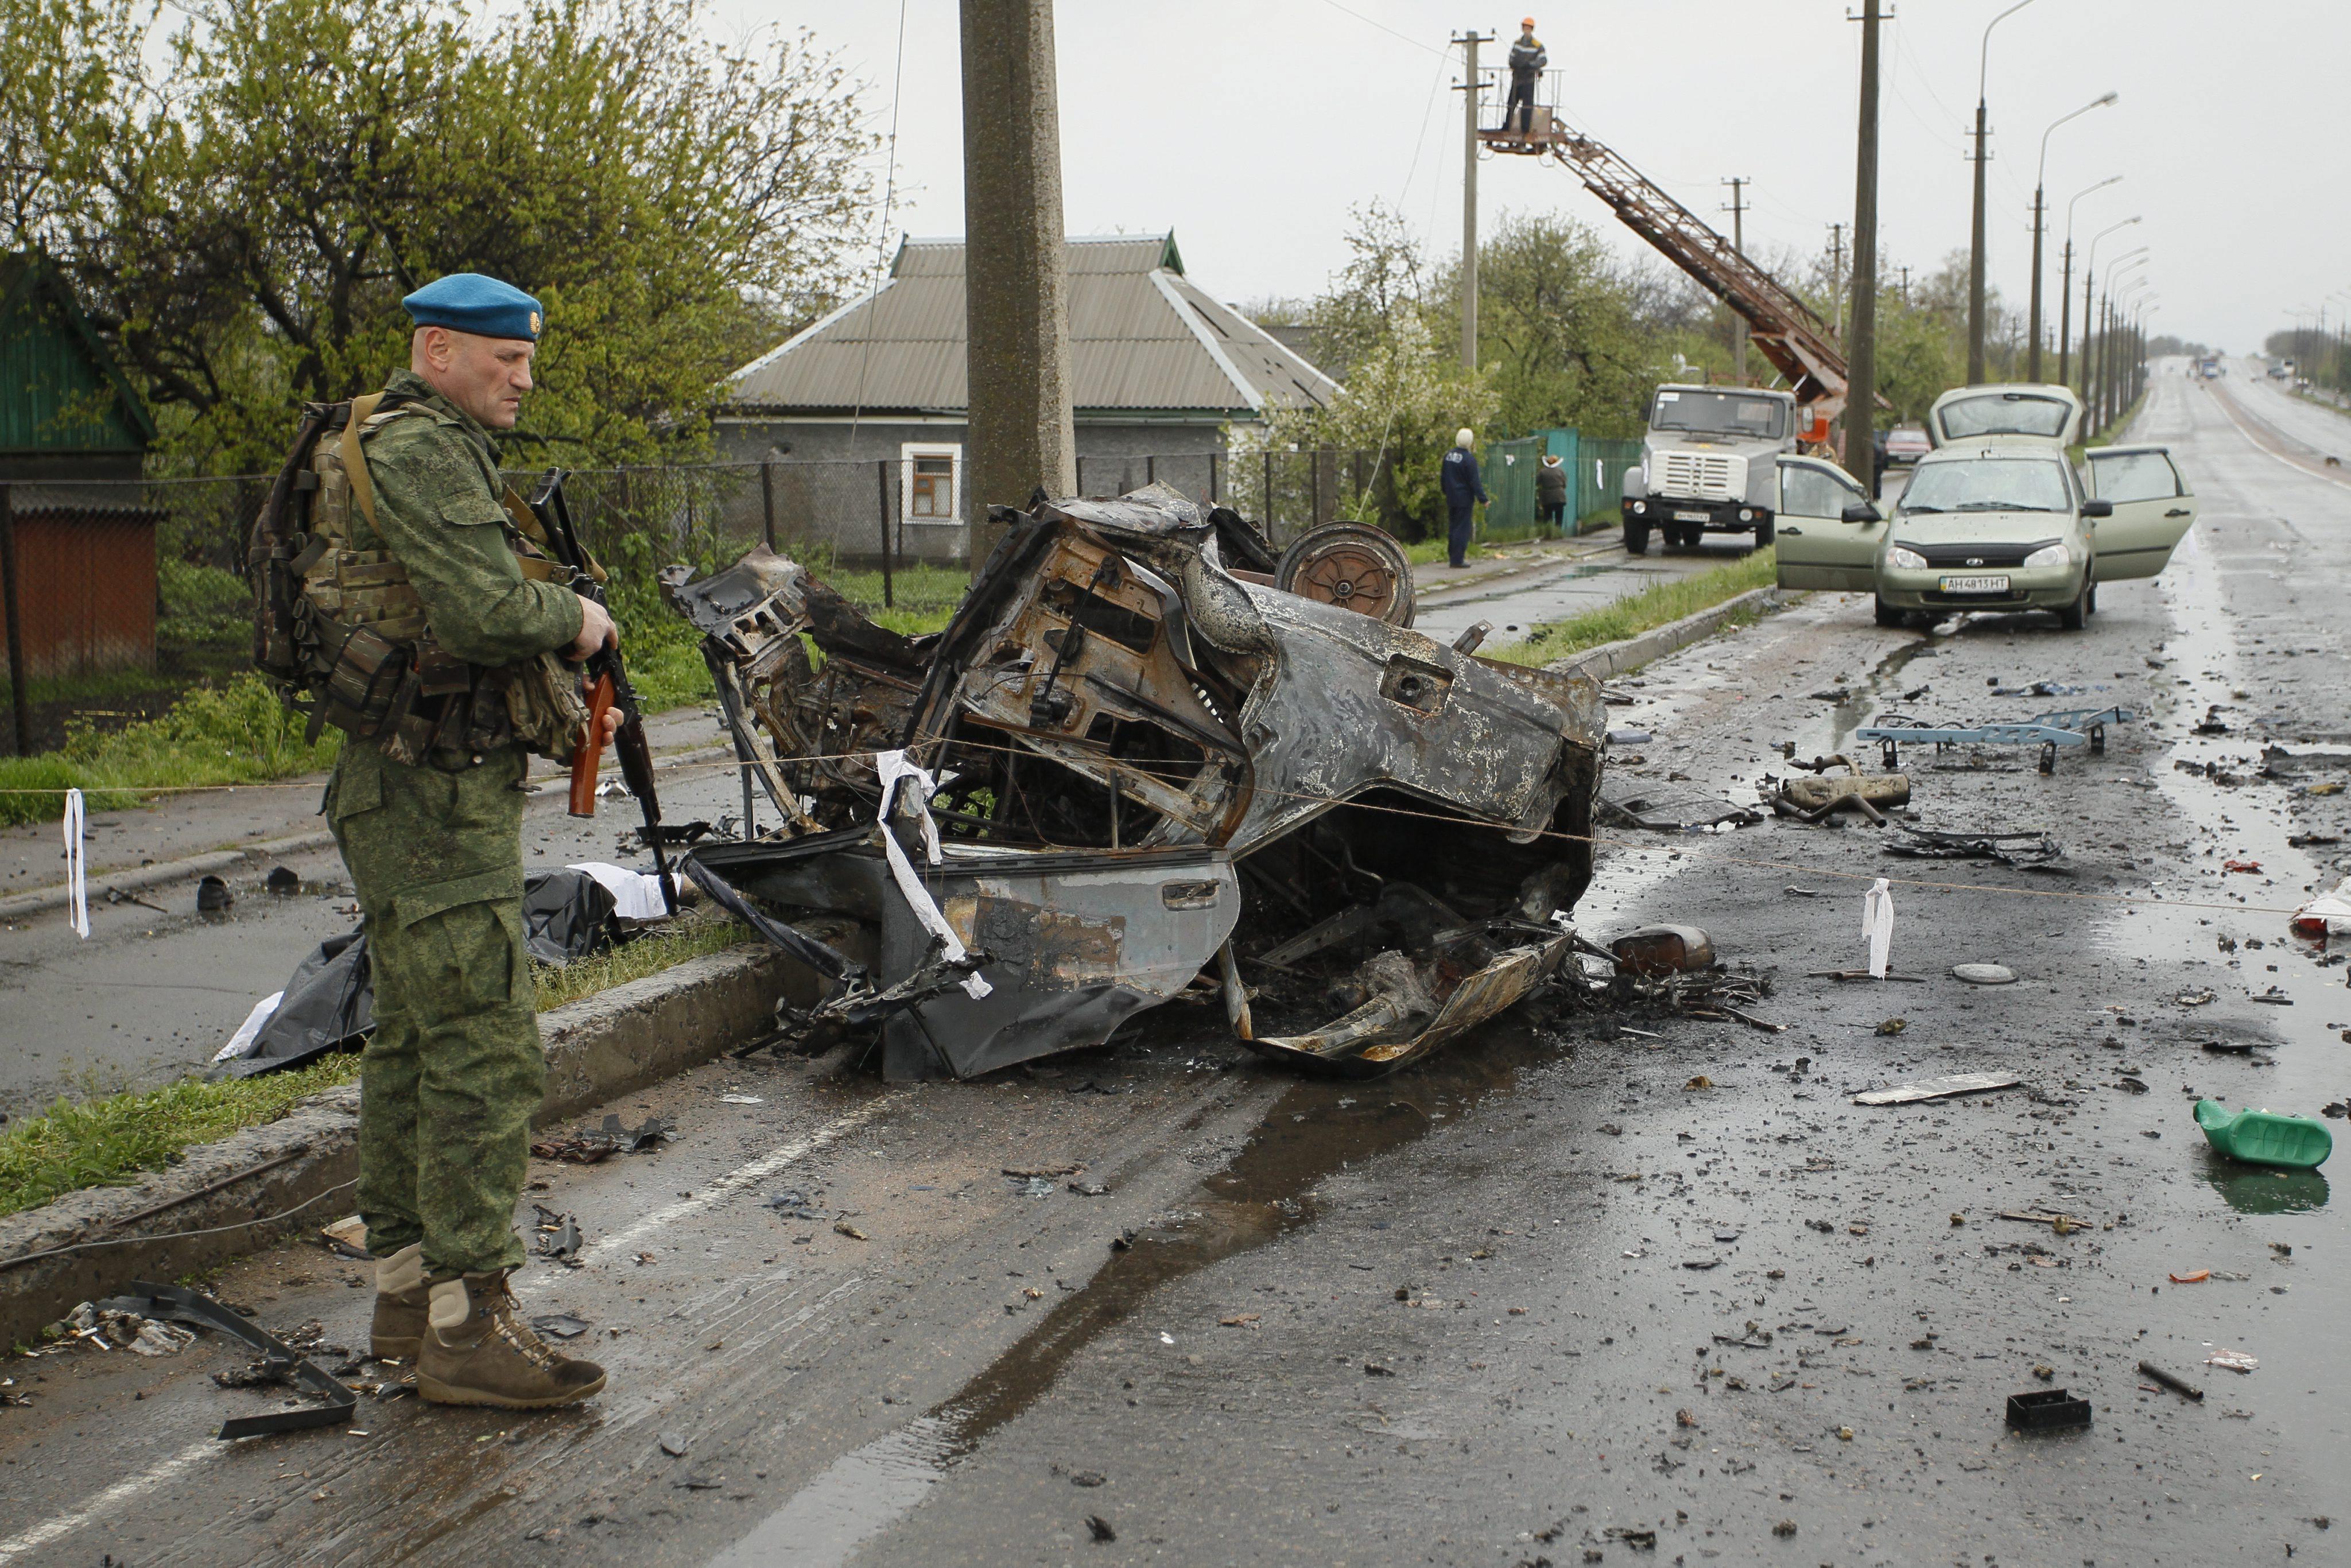 Patru civili, inclusiv o femeie gravida, ucisi intr-un bombardament in Ucraina. Ce au vazut reporterii aflati la fata locului